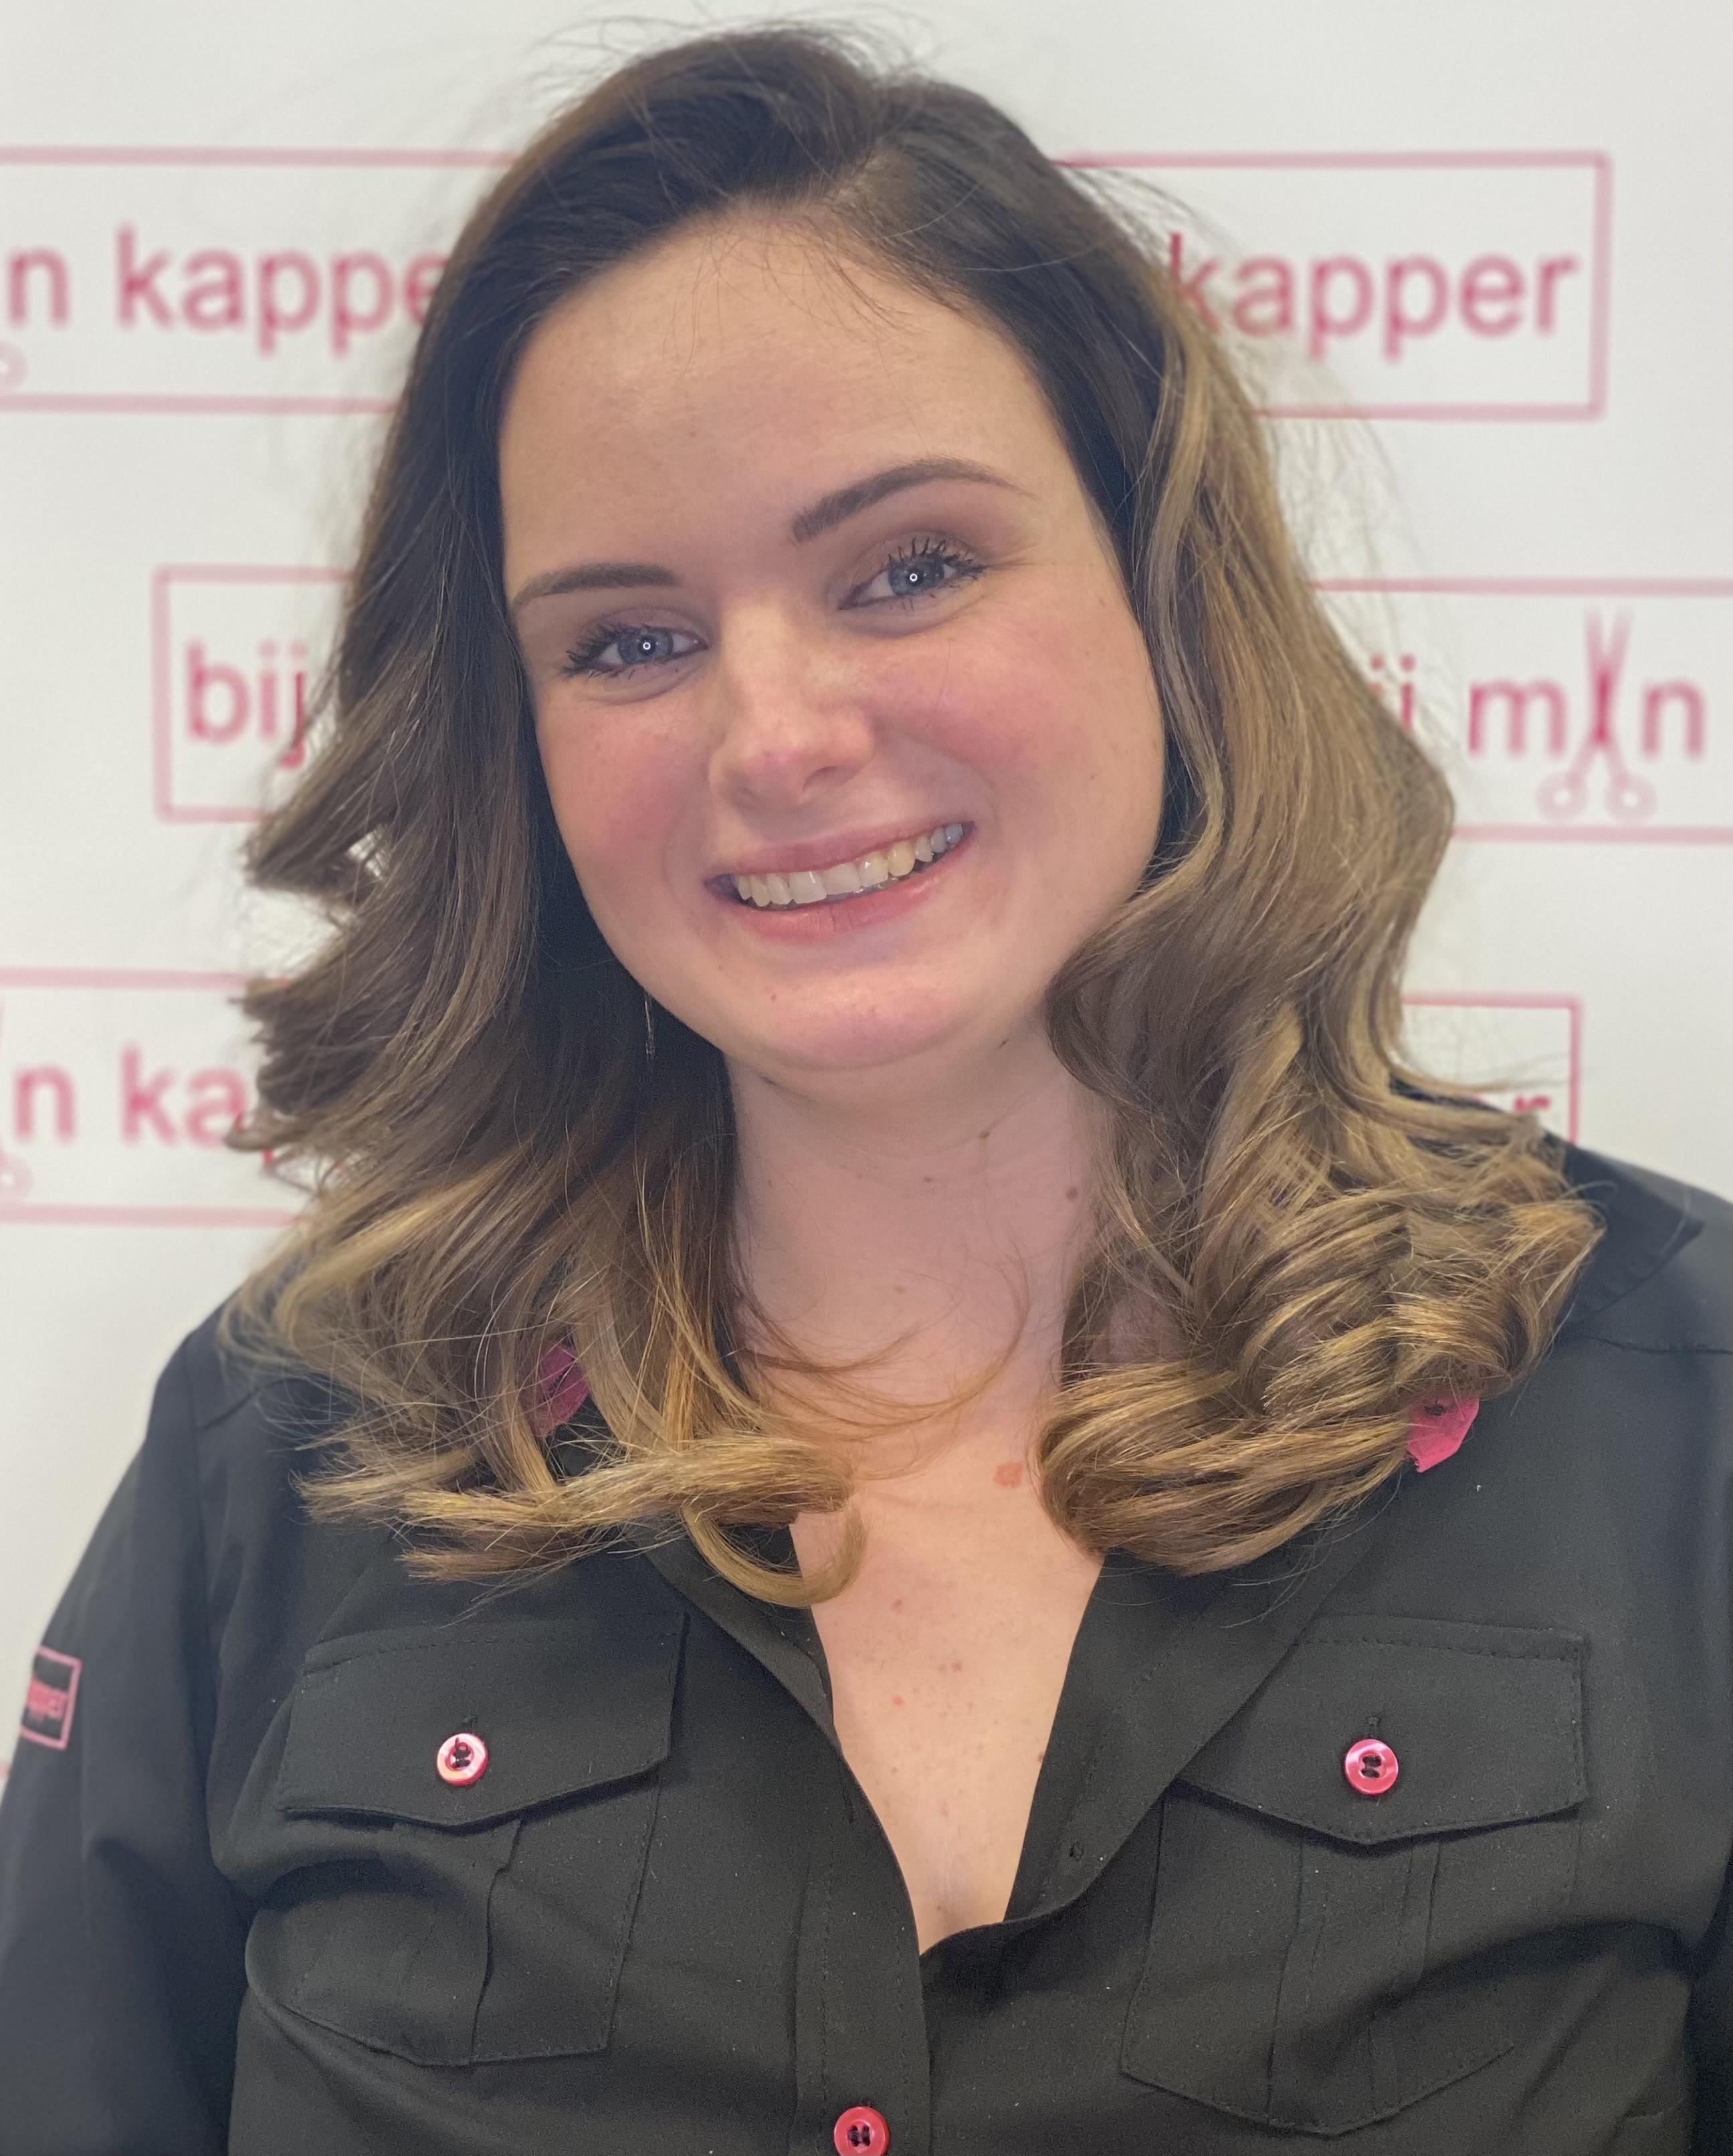 Felicia - Kapper bij Bij mijn Kapper Zoetermeer